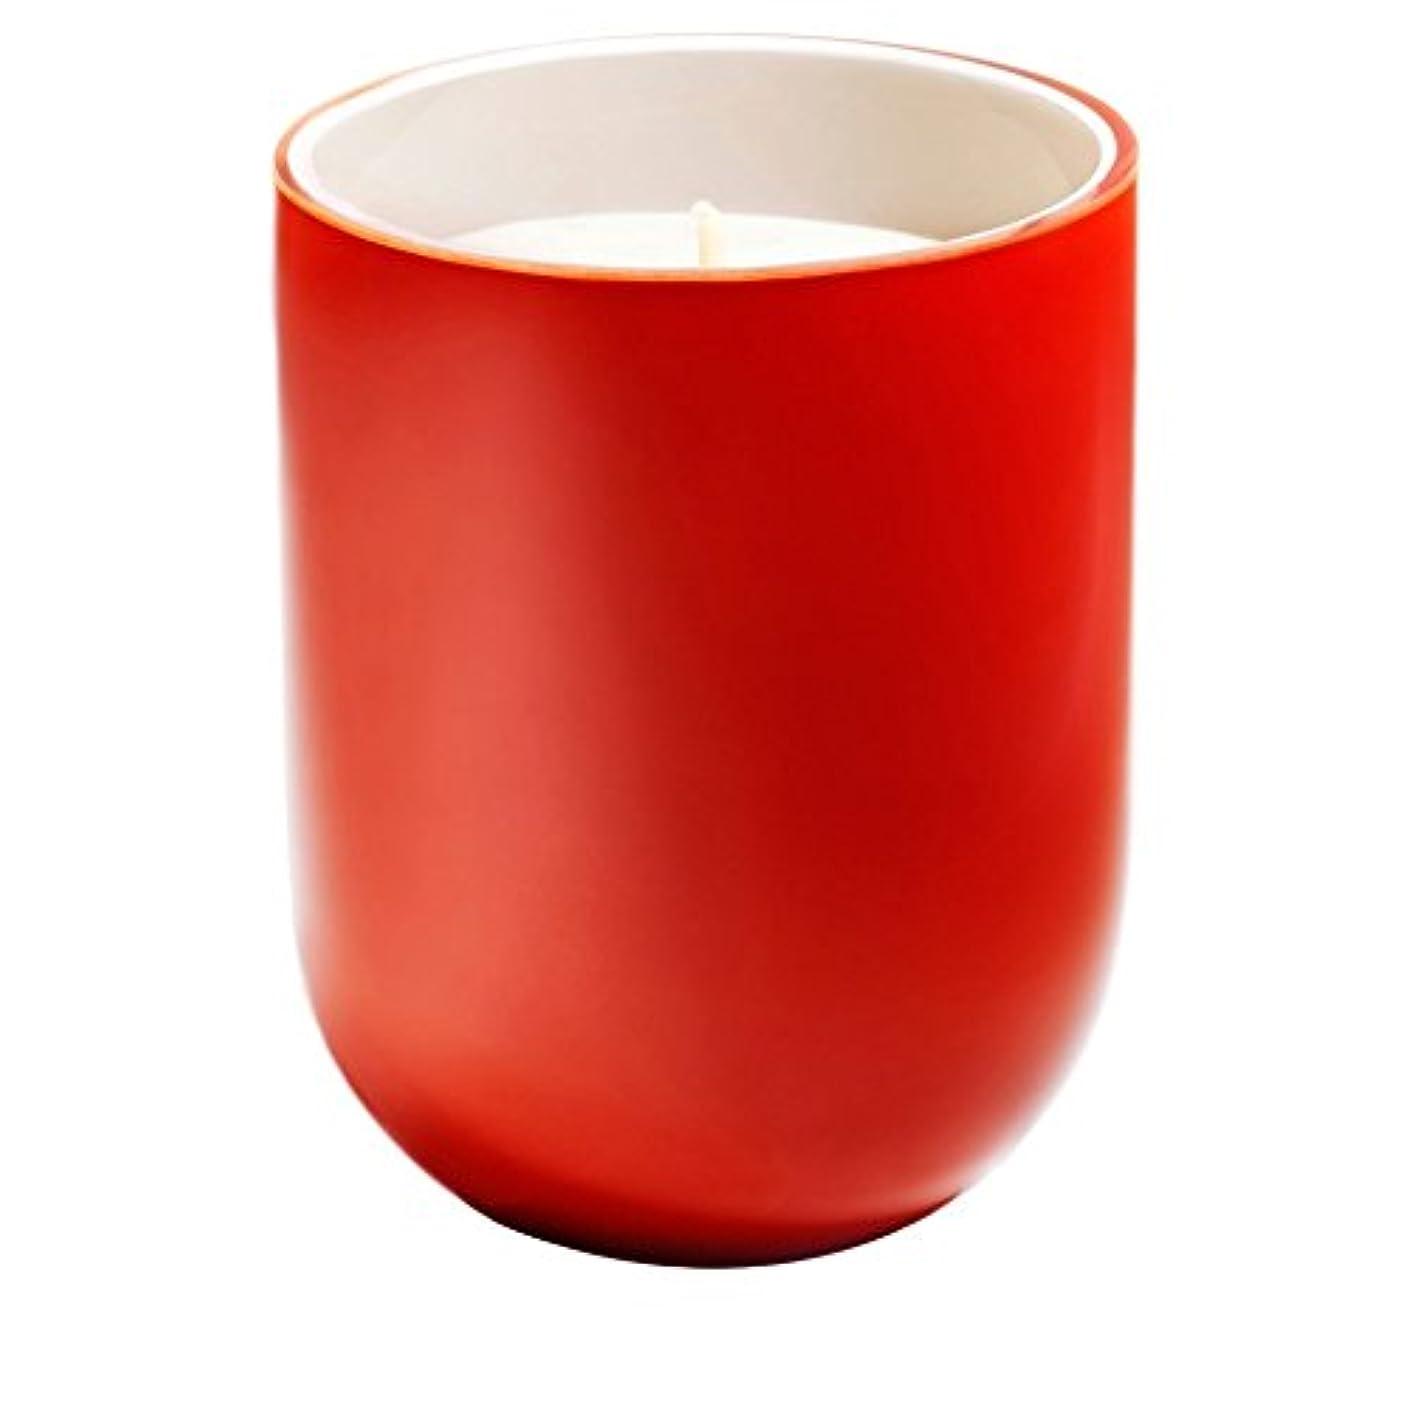 レンジ有力者多数のフレデリック?マル国連ガーデニア?ラ?ニュイ香りのキャンドル x6 - Frederic Malle Un Gard?nia La Nuit Scented Candle (Pack of 6) [並行輸入品]